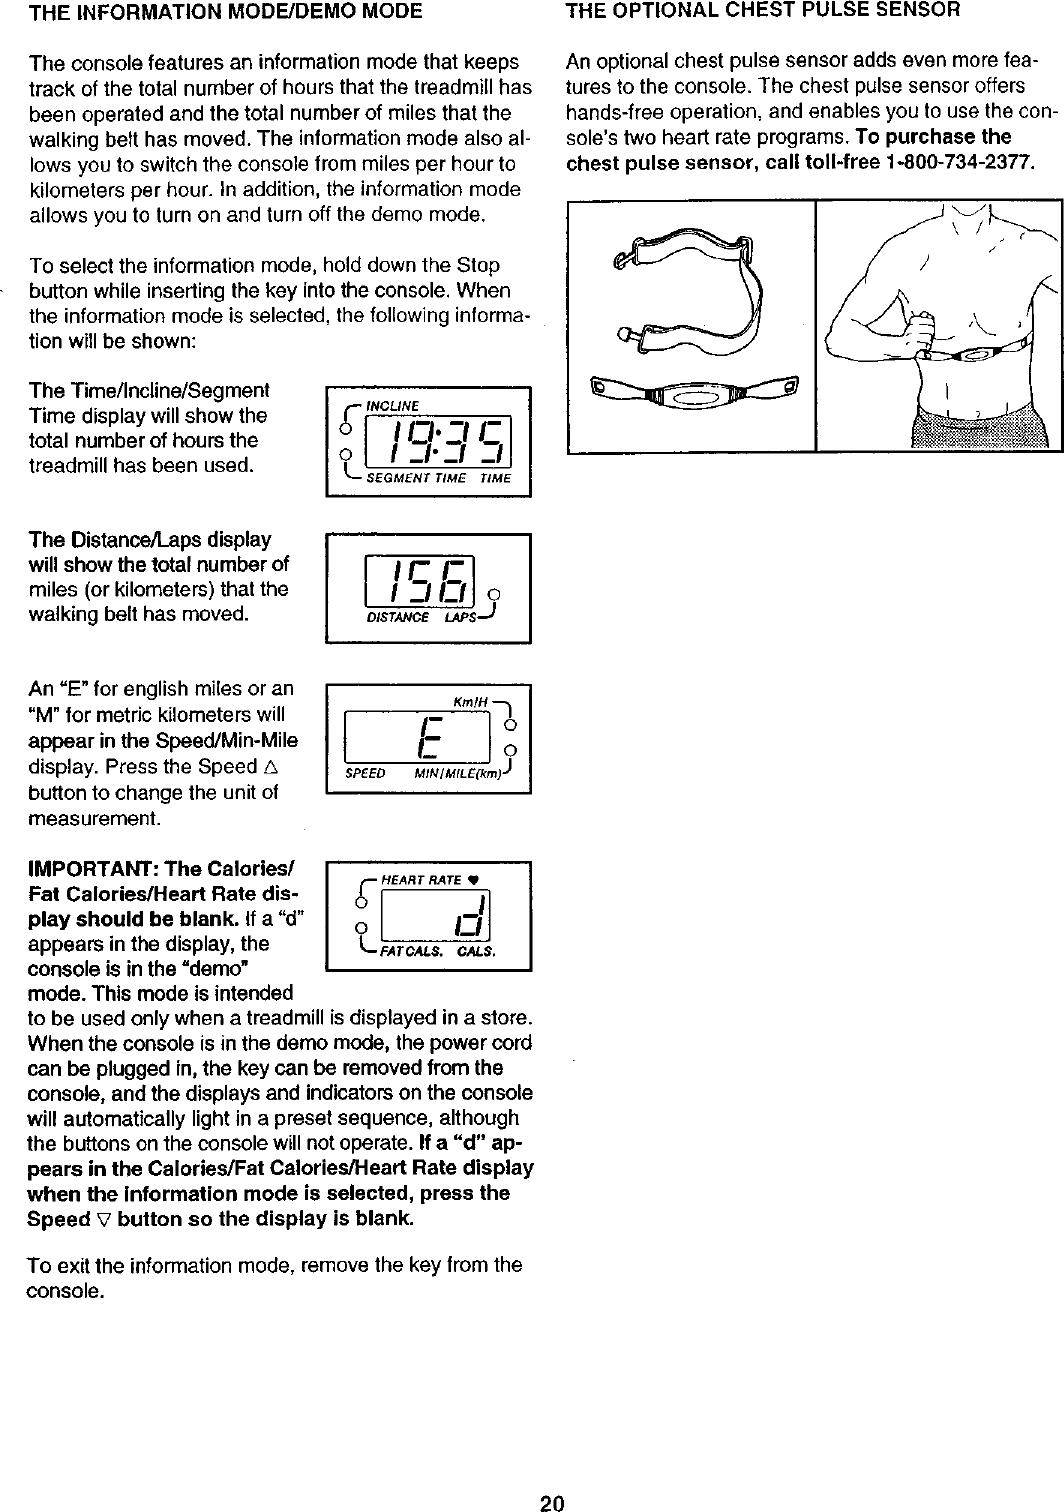 Proform 831293250 User Manual TREADMILL Manuals And Guides L0211088